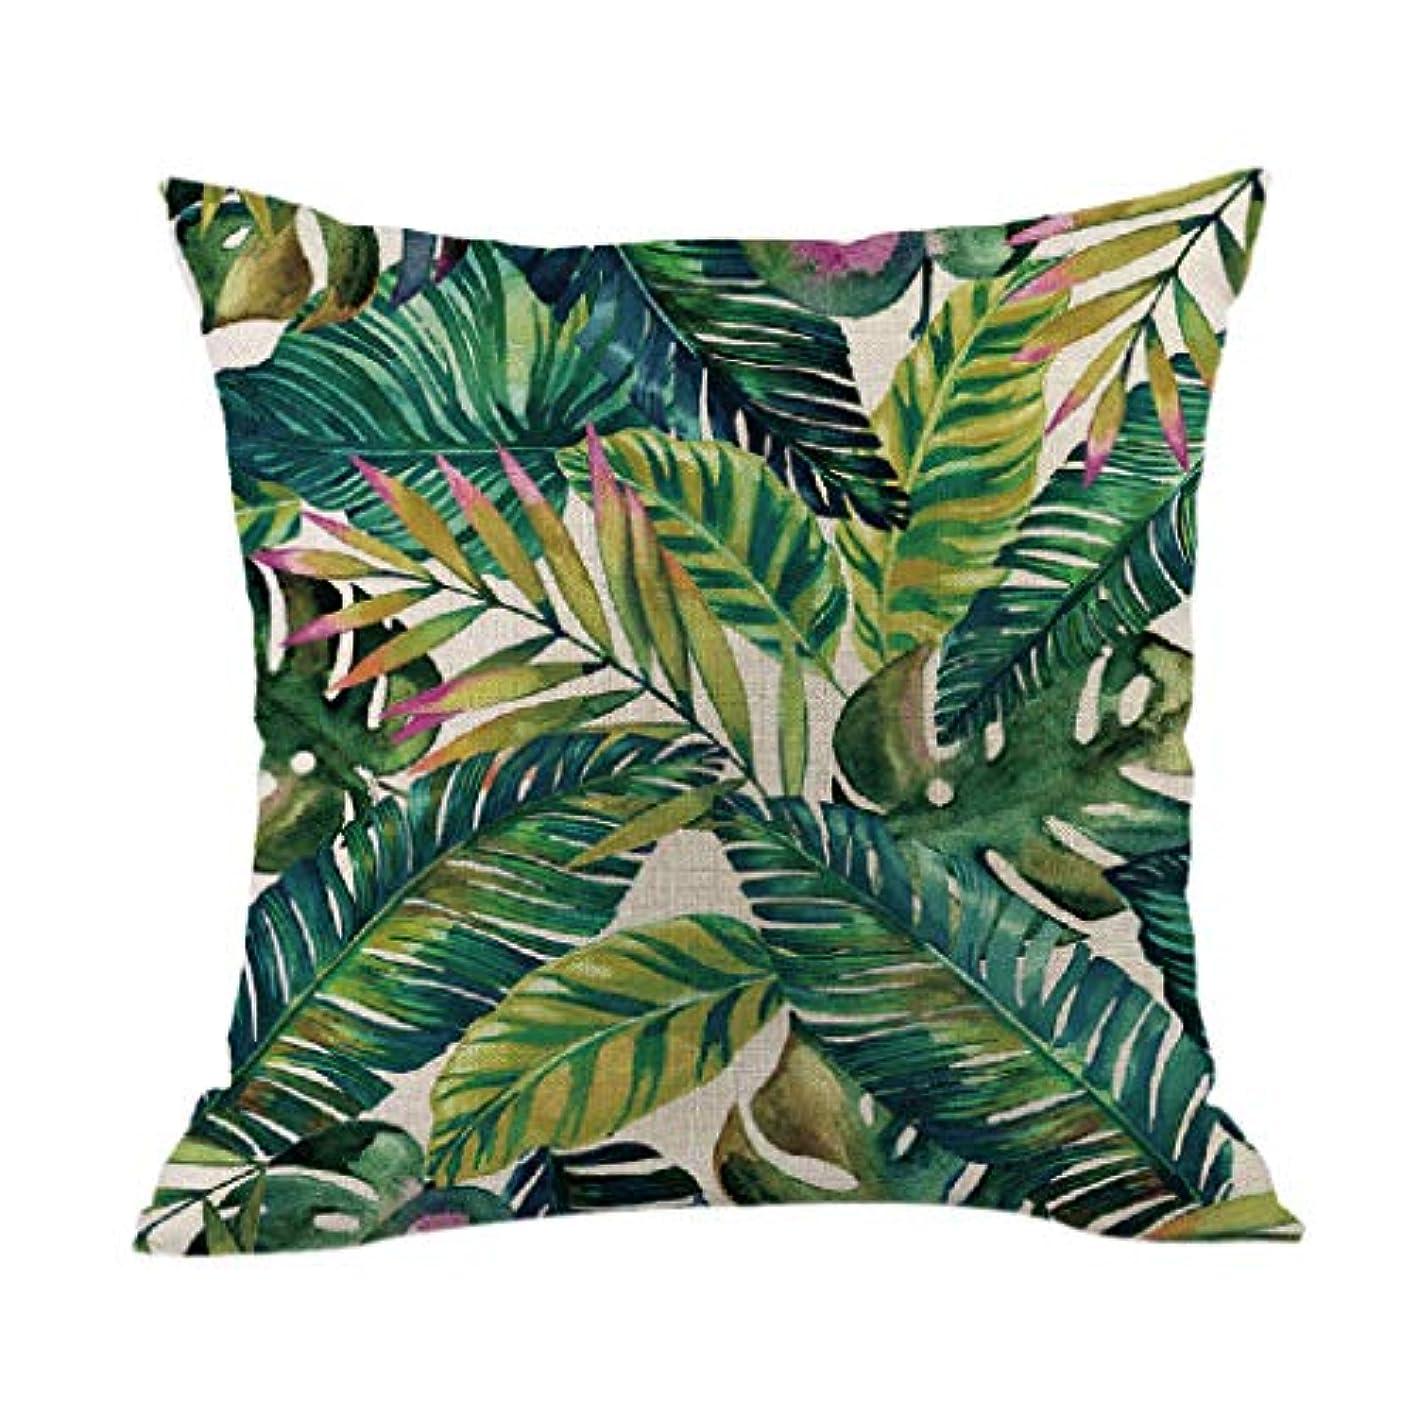 囚人重要ラリーベルモントLIFE 高品質クッション熱帯植物ポリエステル枕ソファ投げるパッドセットホーム人格クッション coussin decoratif クッション 椅子